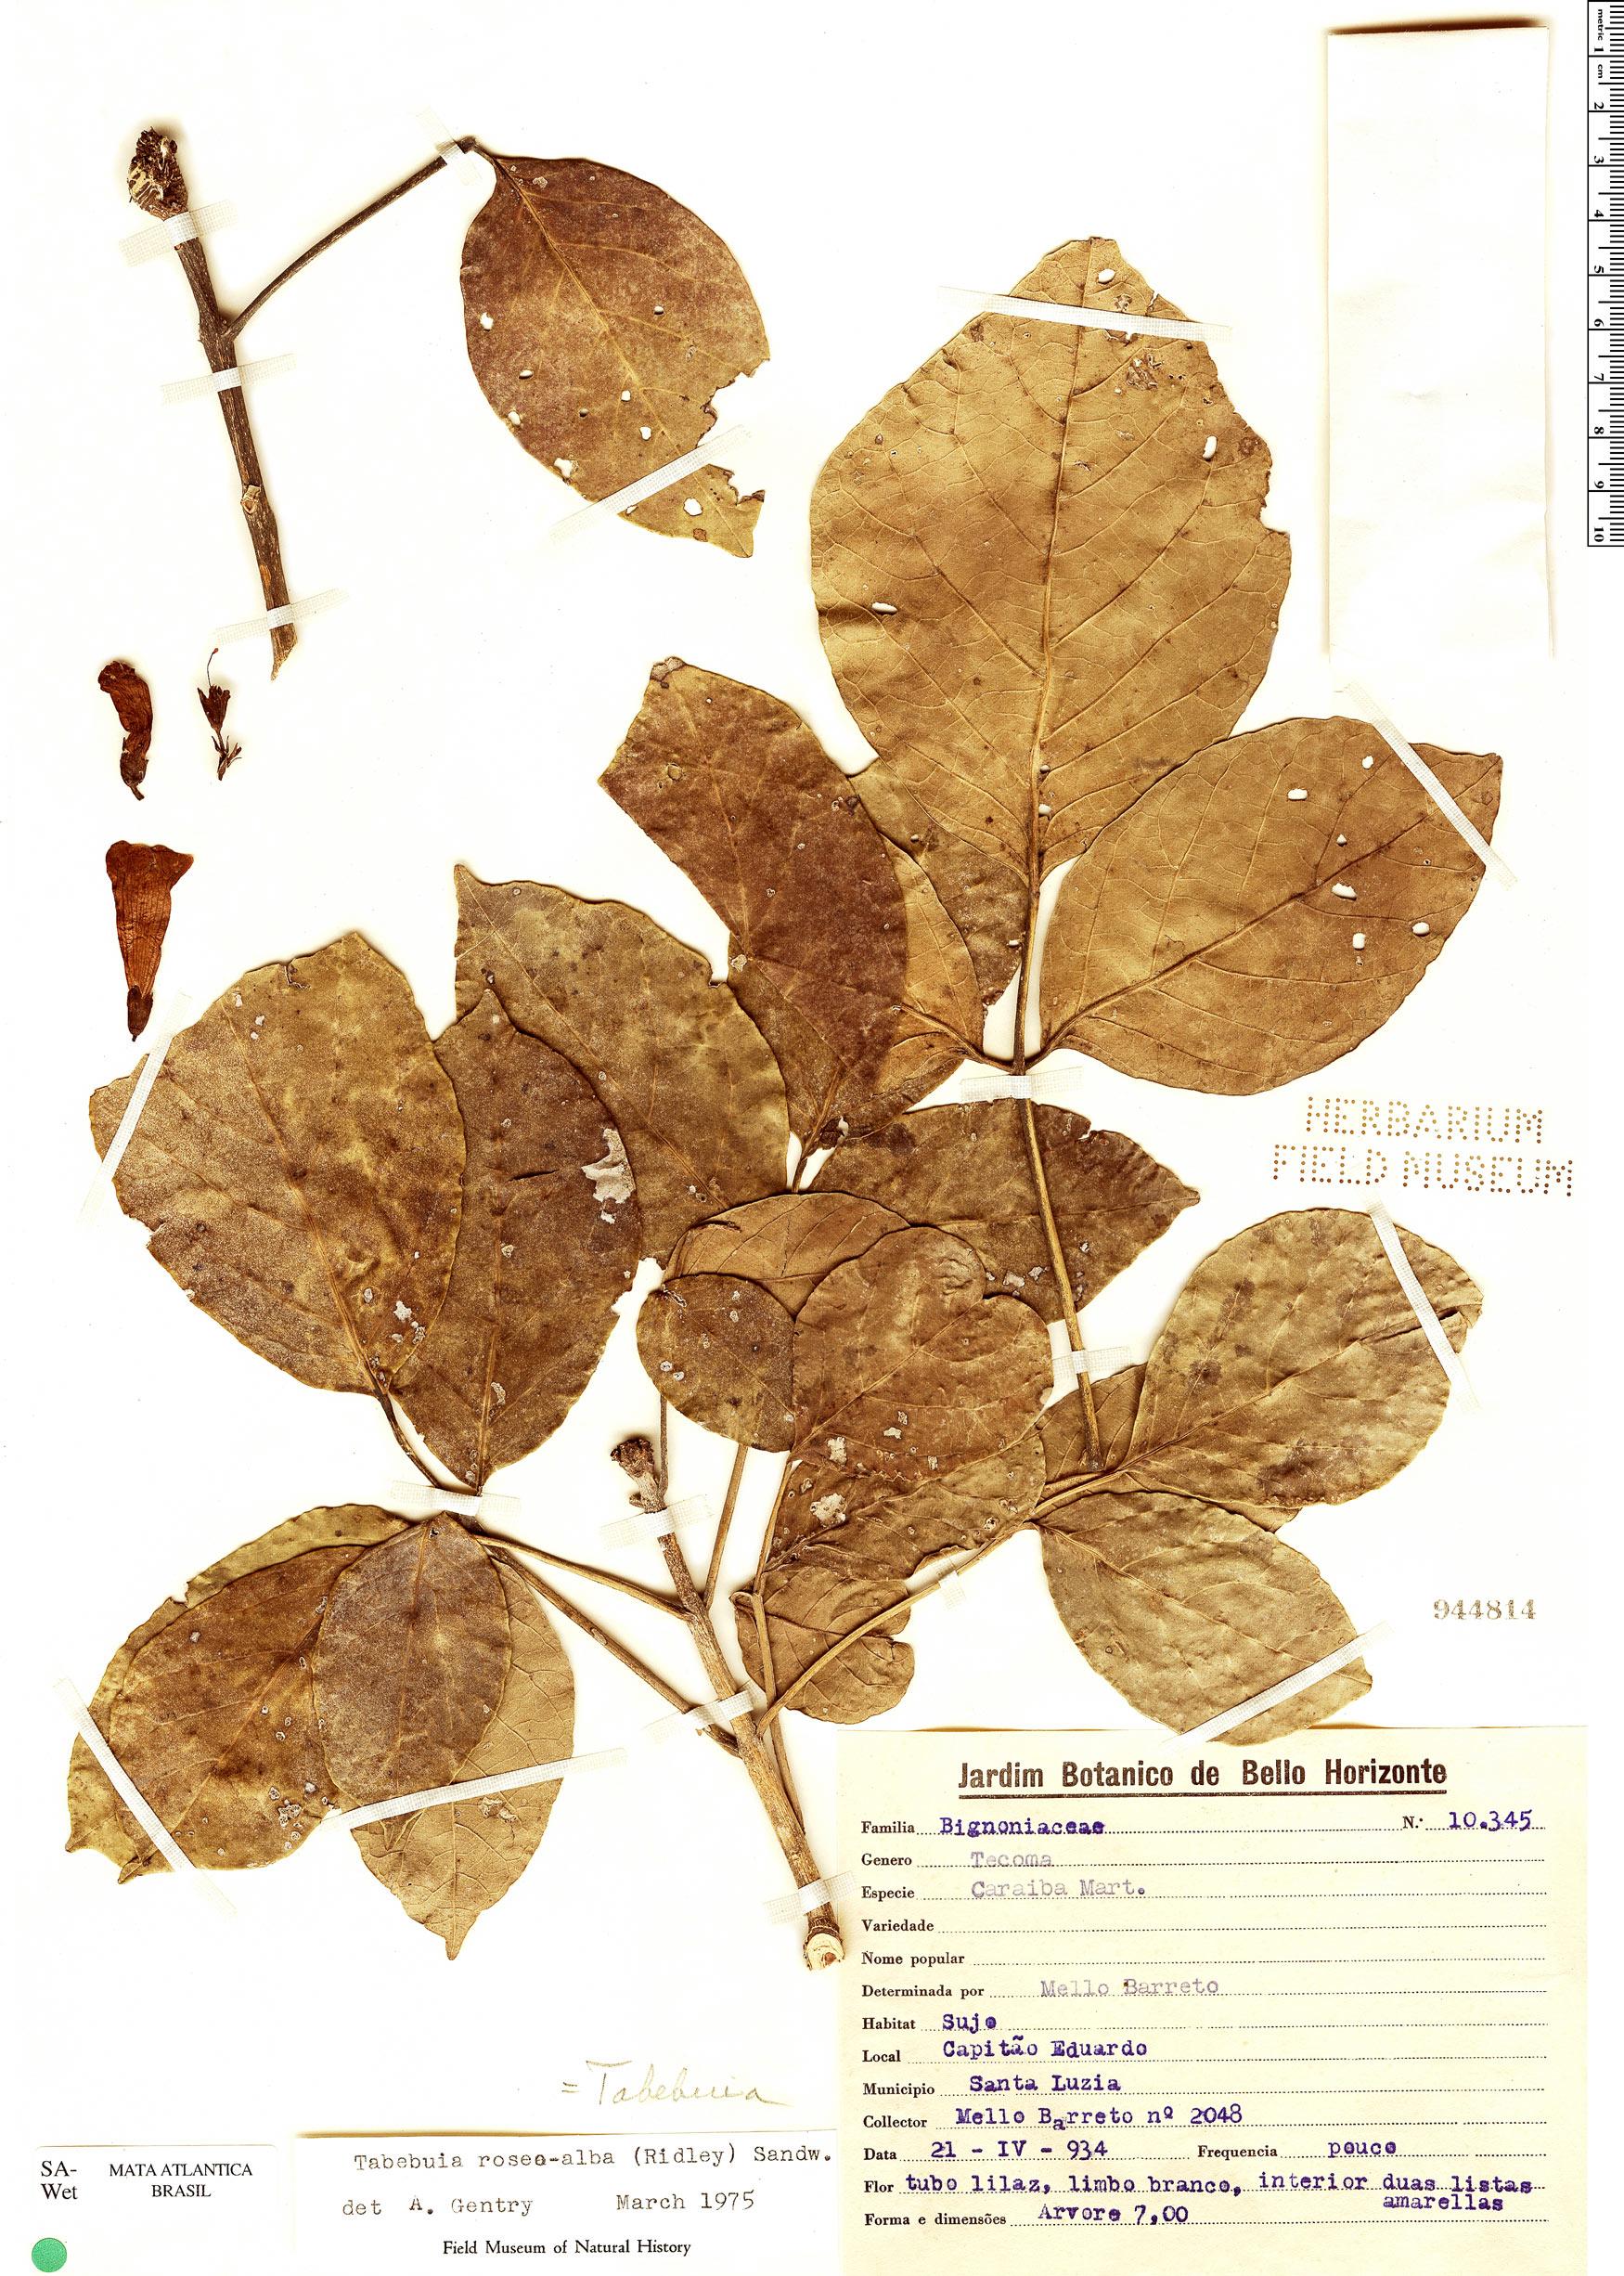 Specimen: Tabebuia roseoalba